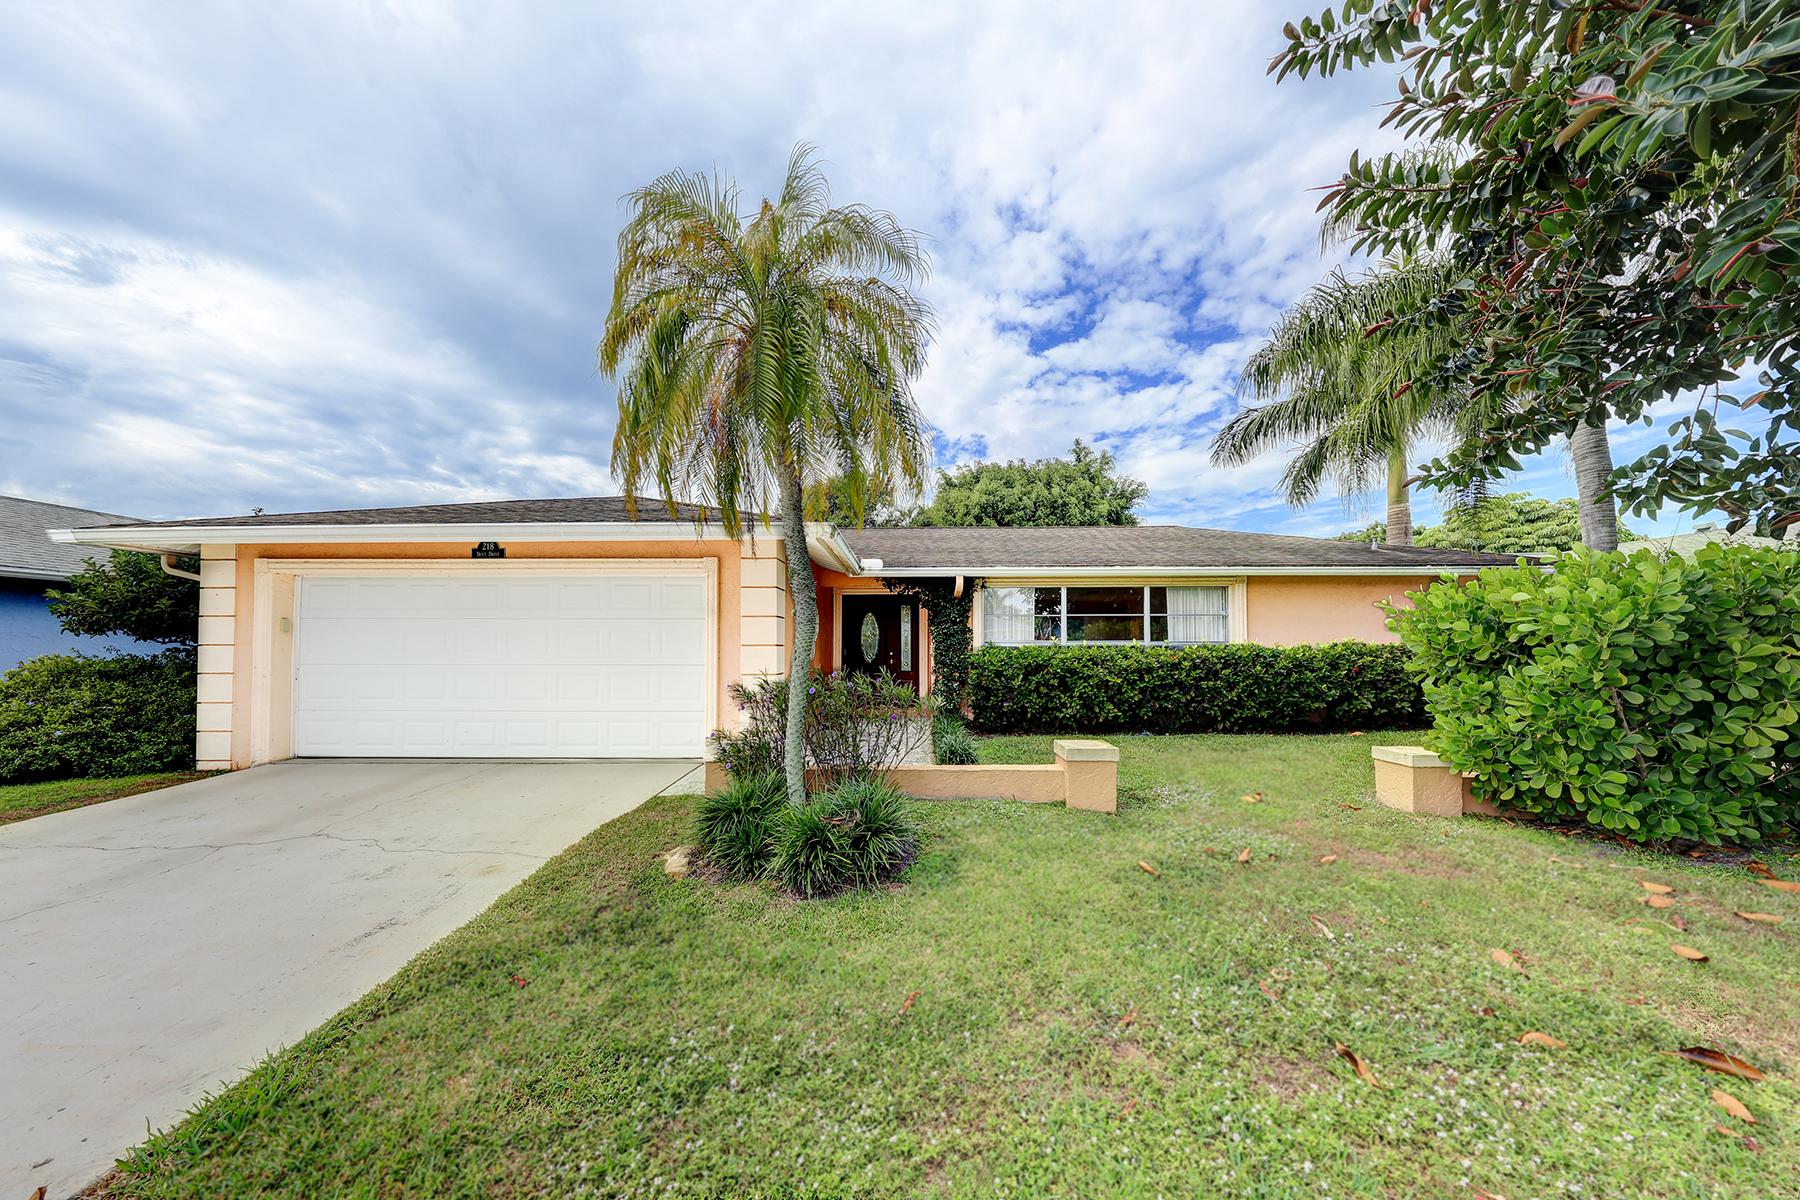 一戸建て のために 売買 アット LAKEWOOD 218 Dent Dr Naples, フロリダ, 34112 アメリカ合衆国